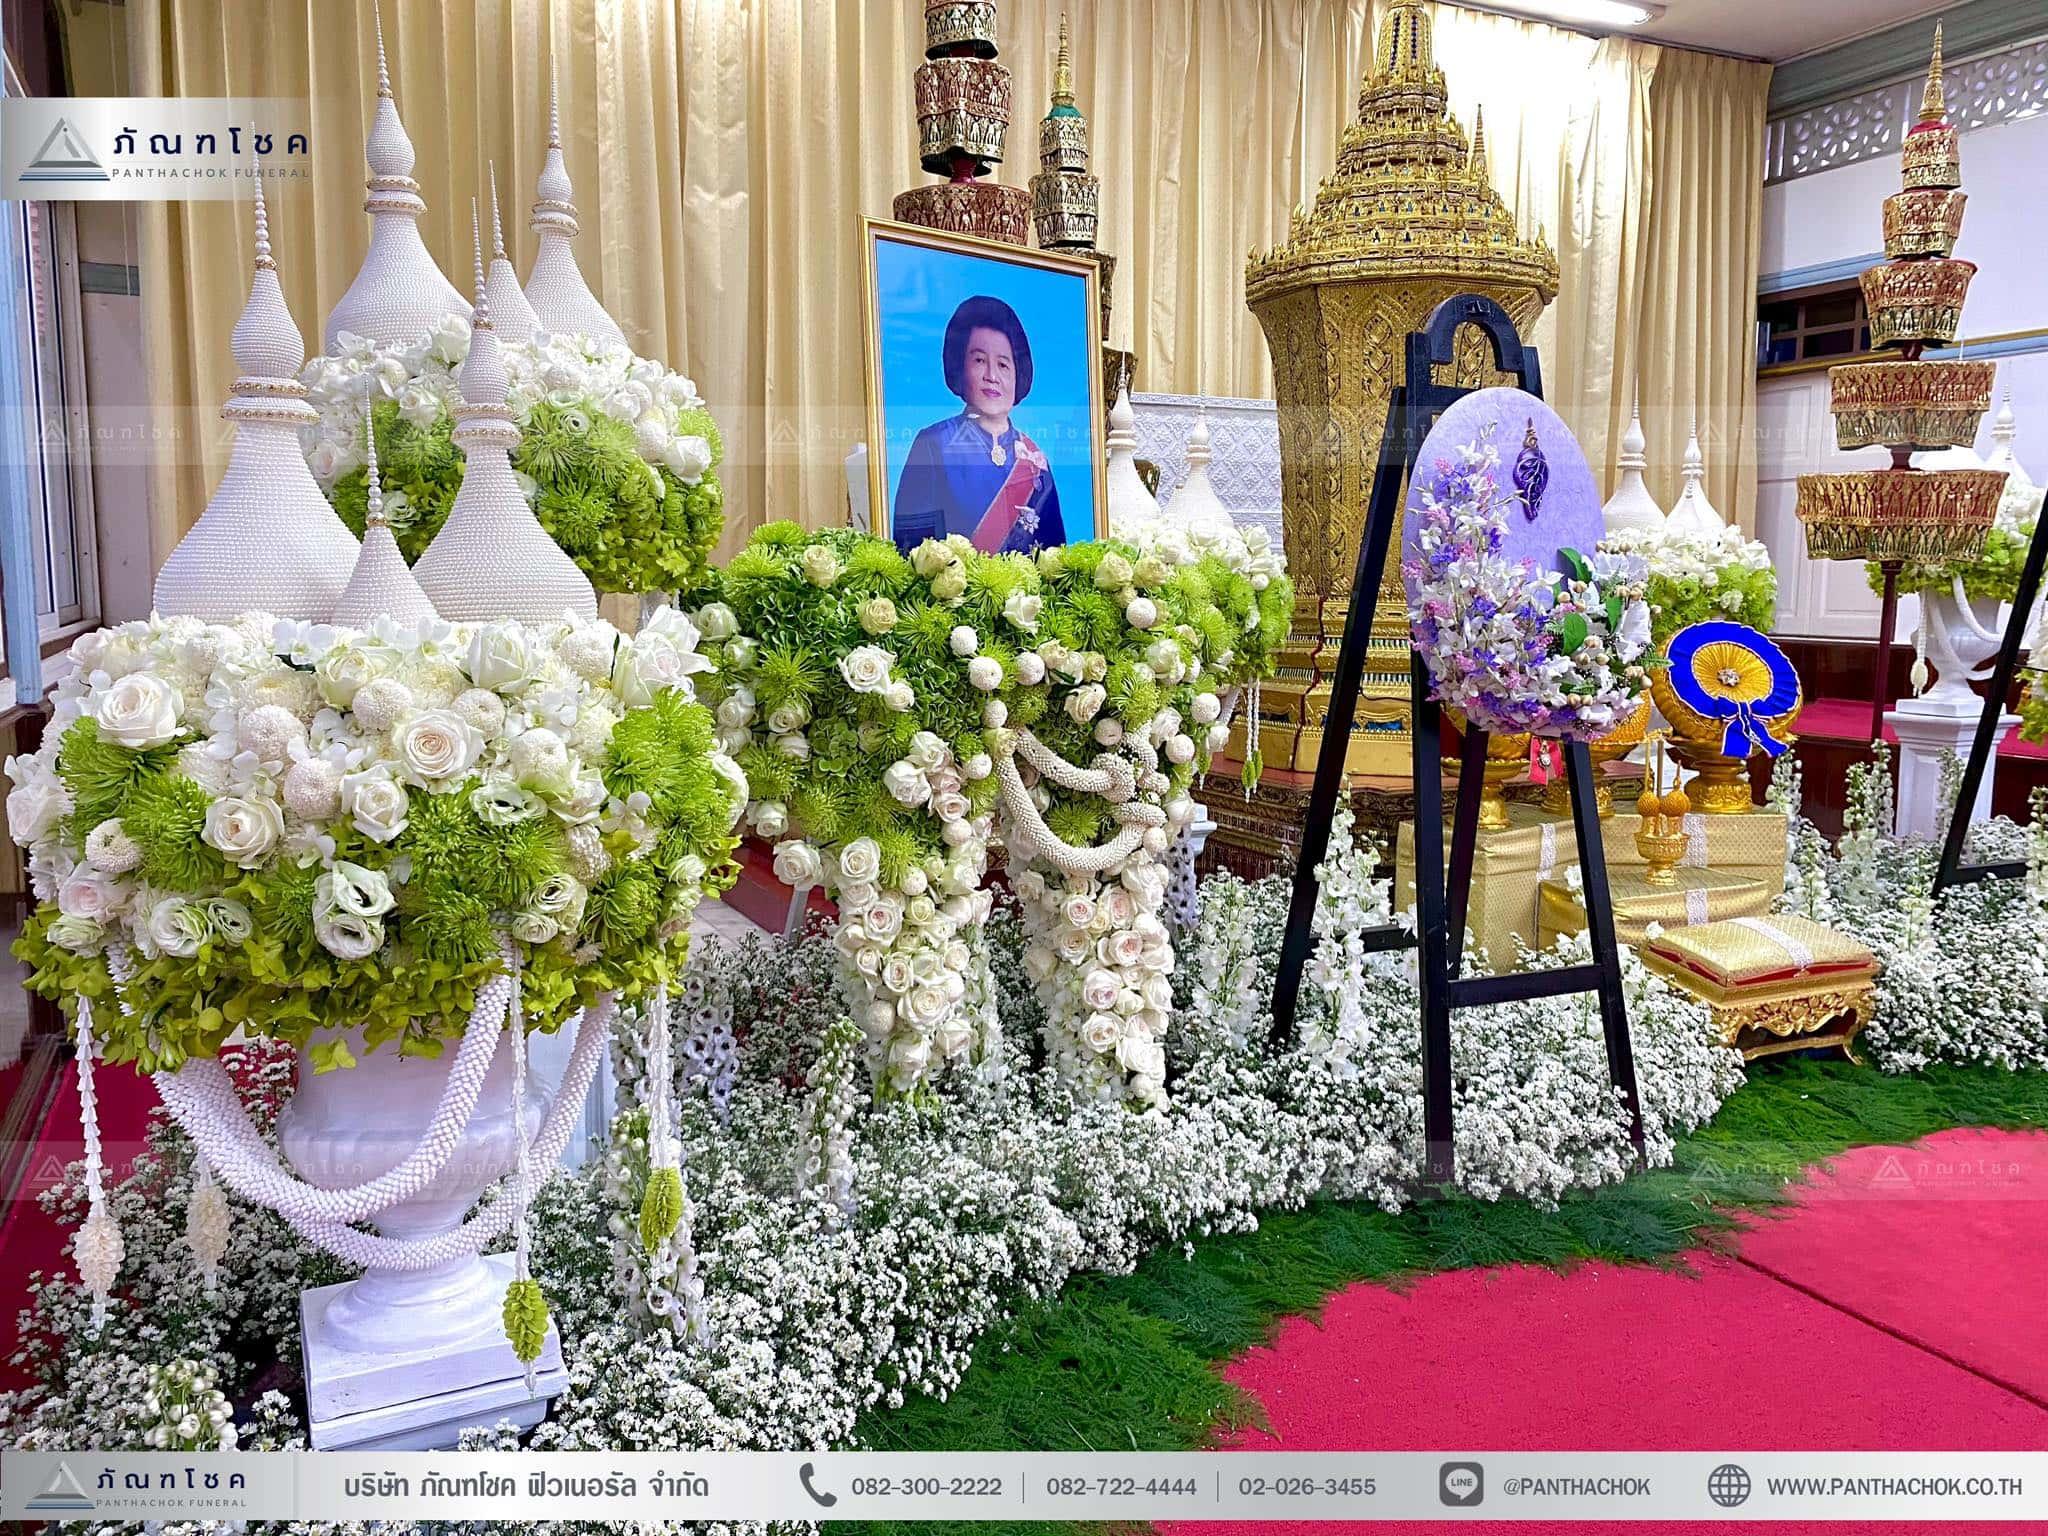 ดอกไม้ประดับหน้าโกศพระราชทาน ณ วัดมกุฏกษัตริยารามราชวรวิหาร 7